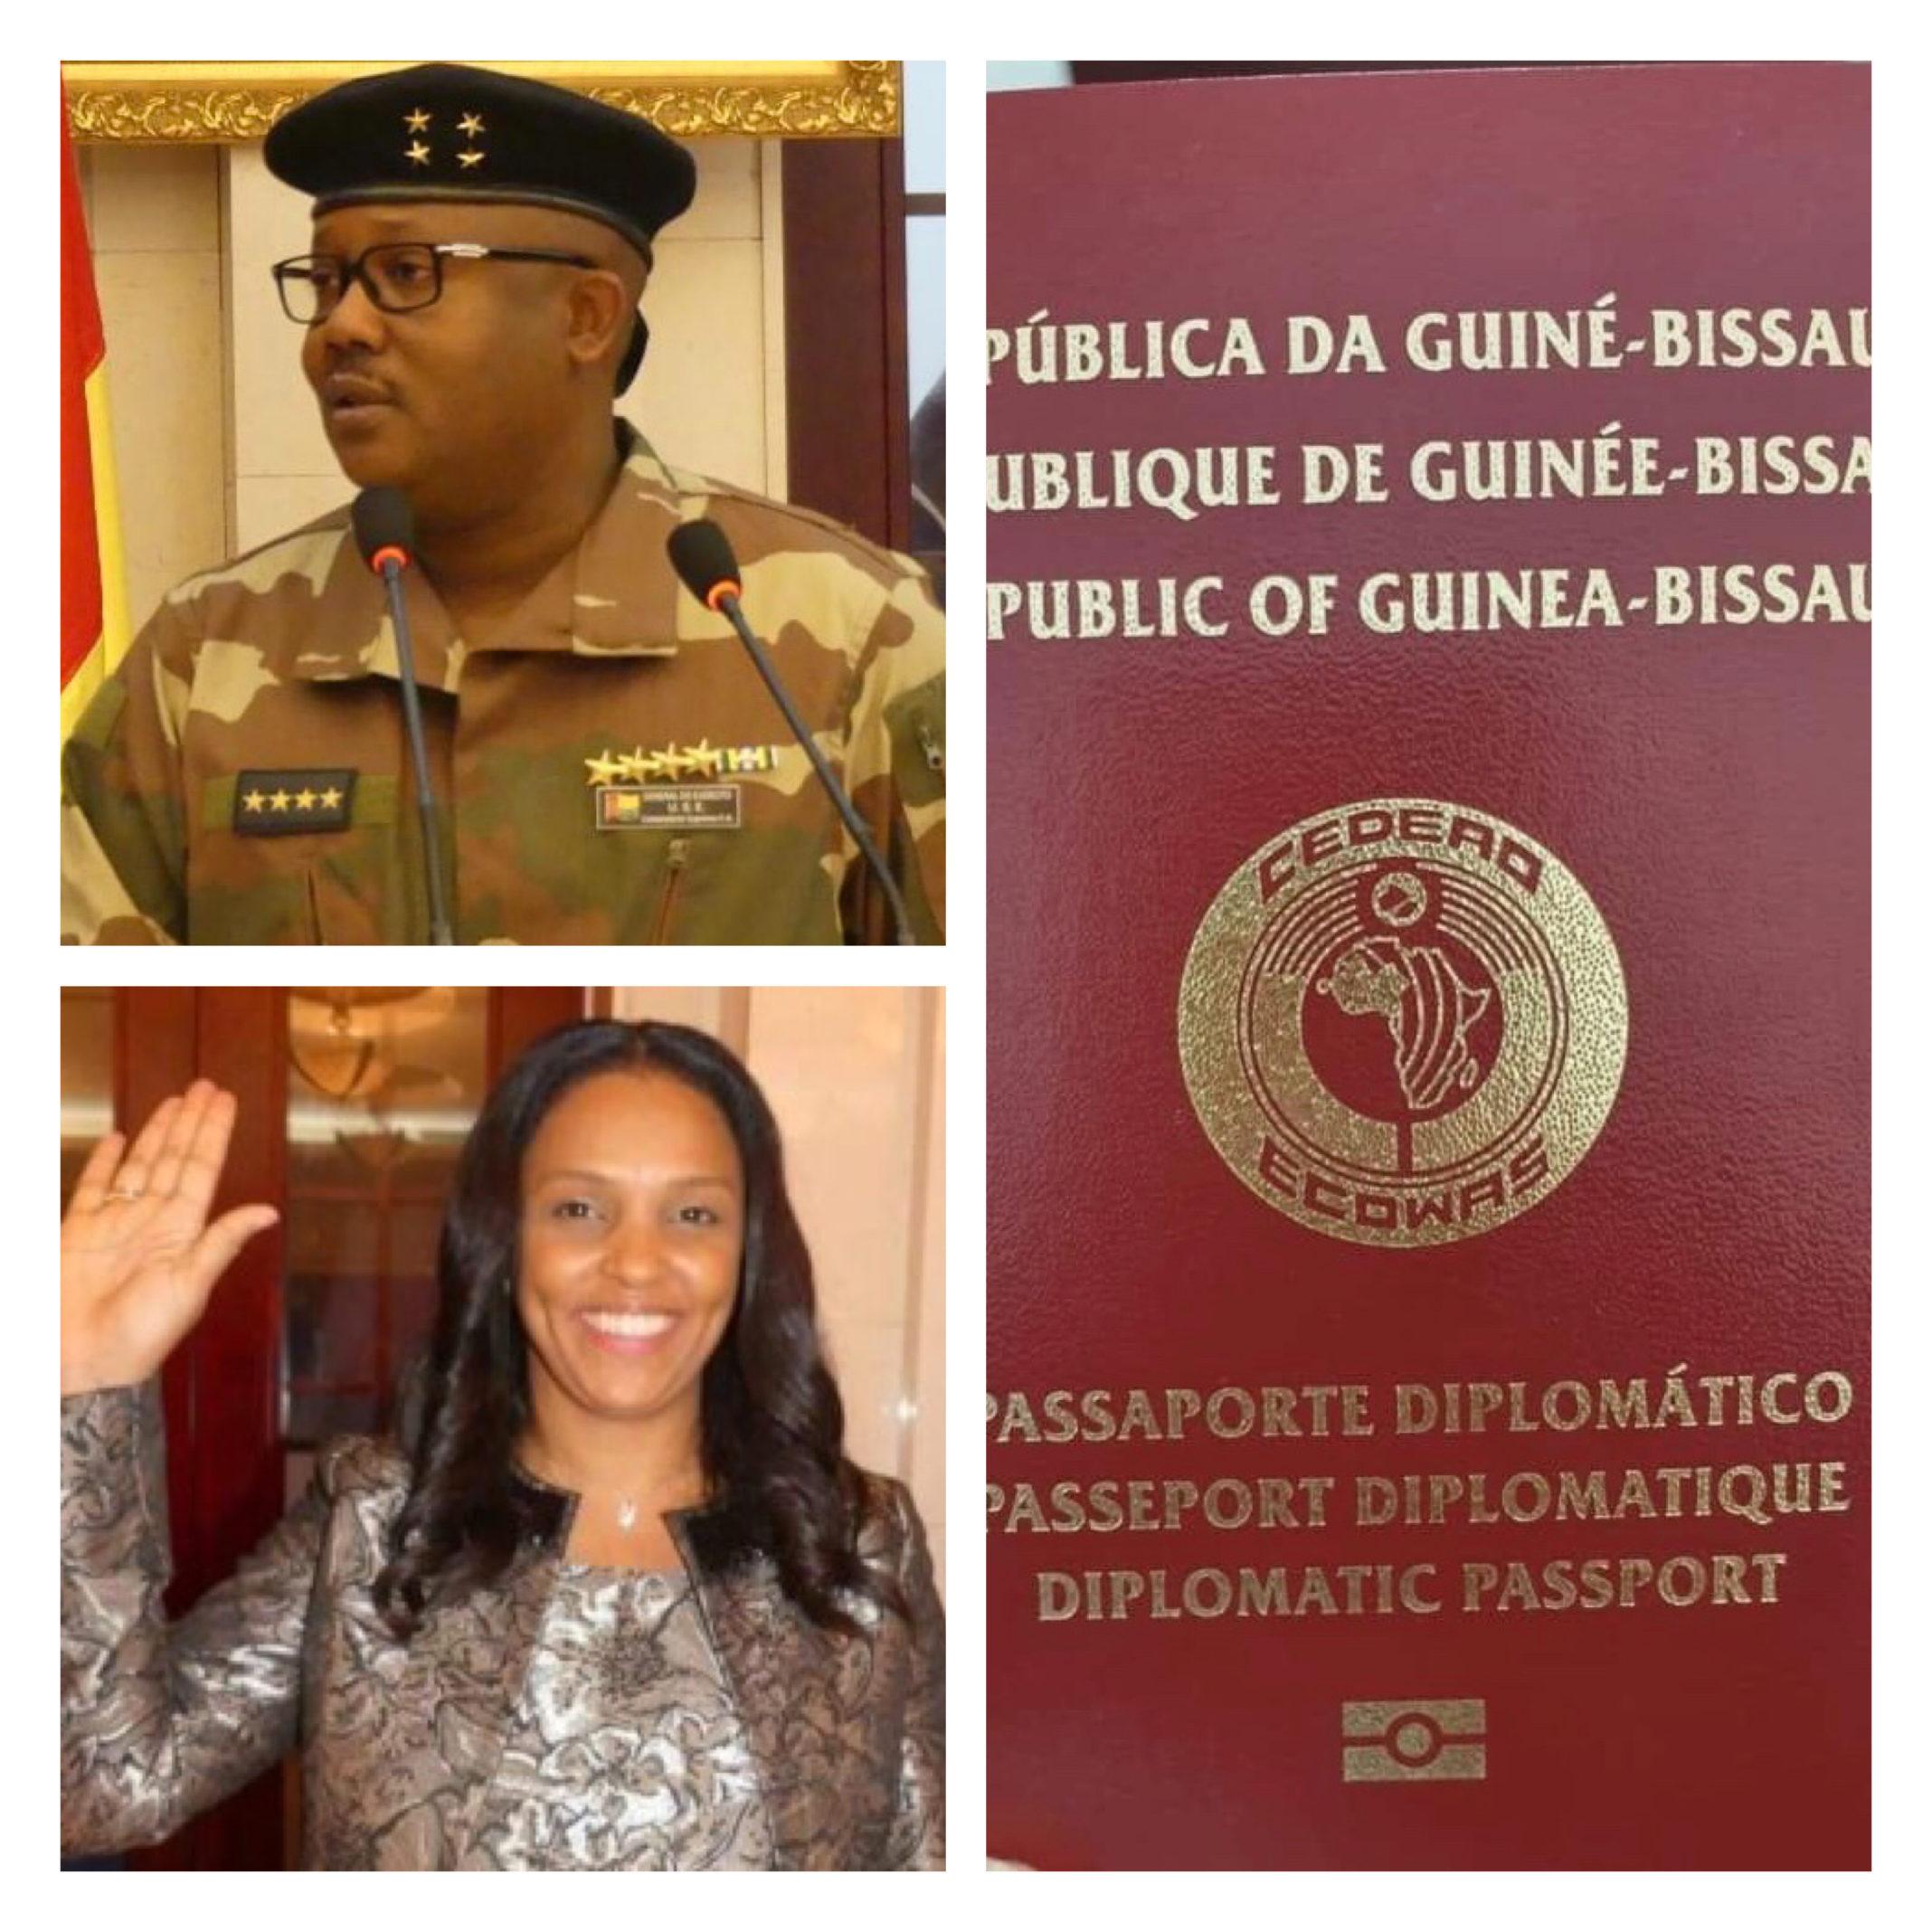 Guinée-Bissau: Trafic de passeports diplomatiques, des prix entre 35 et 150 millions de francs Cfa